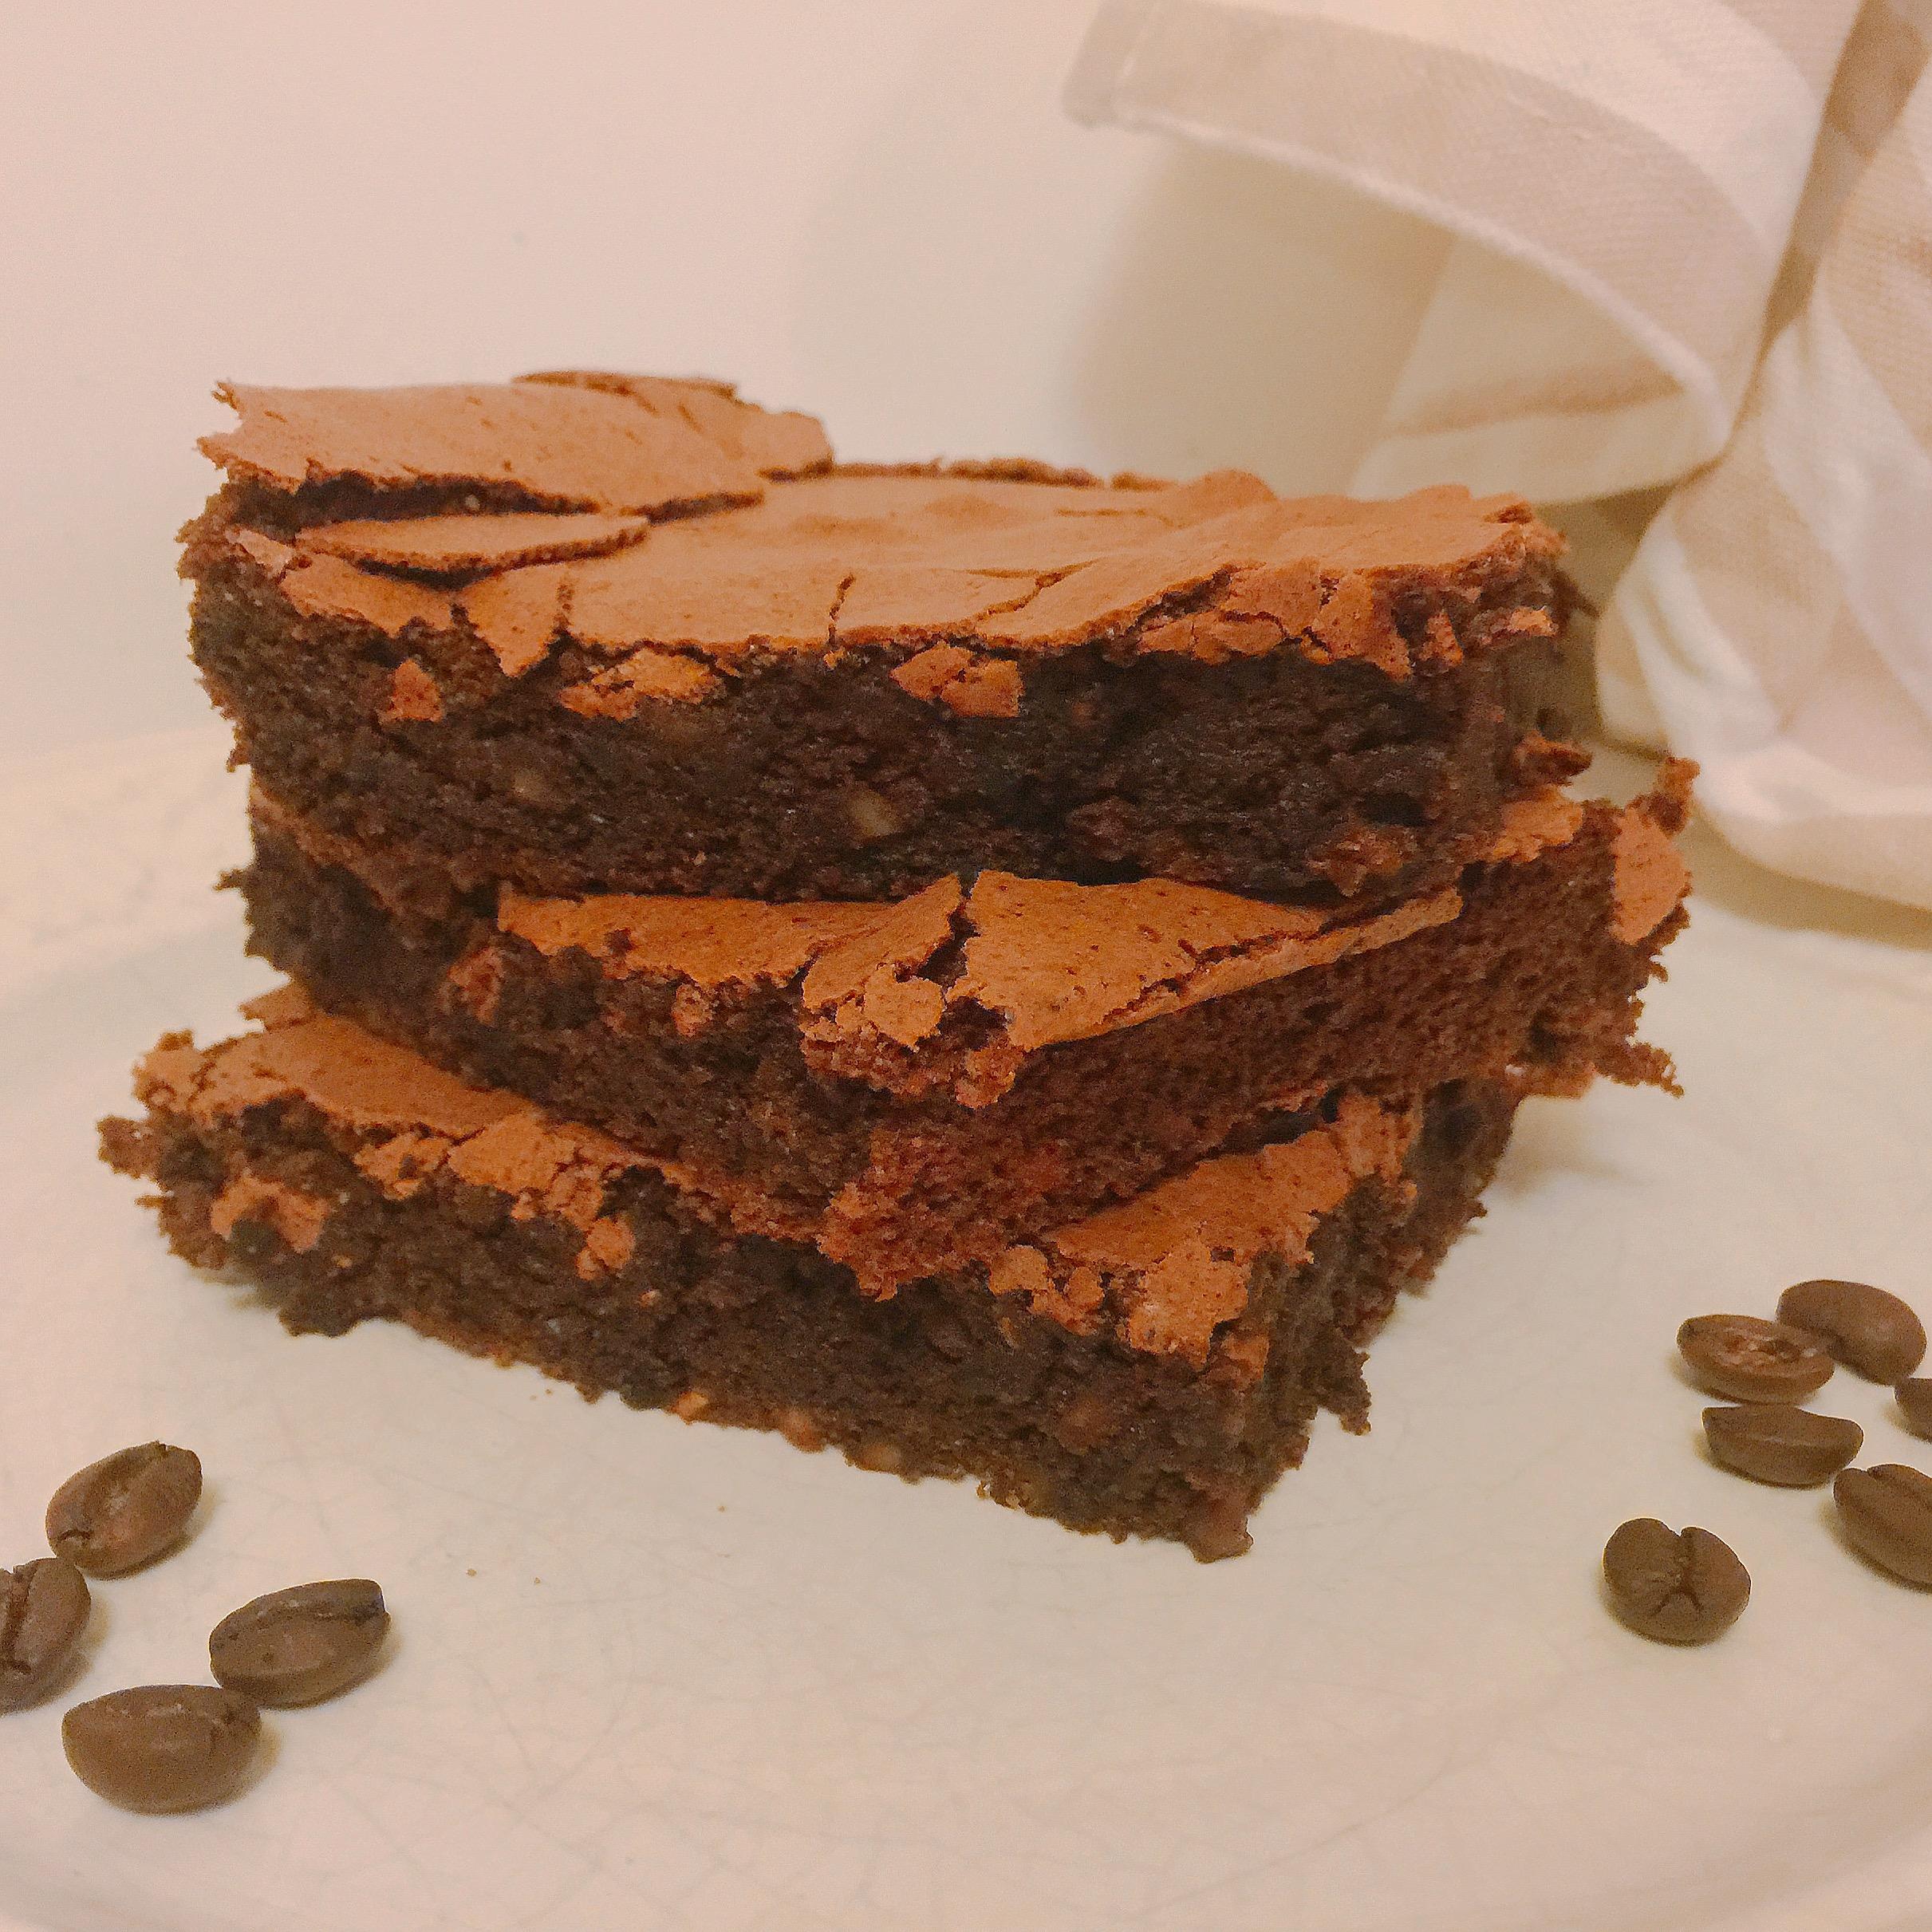 Torta Barozzi Senza Burro, il dolce al cioccolato che si scioglie in bocca di dolci senza burro